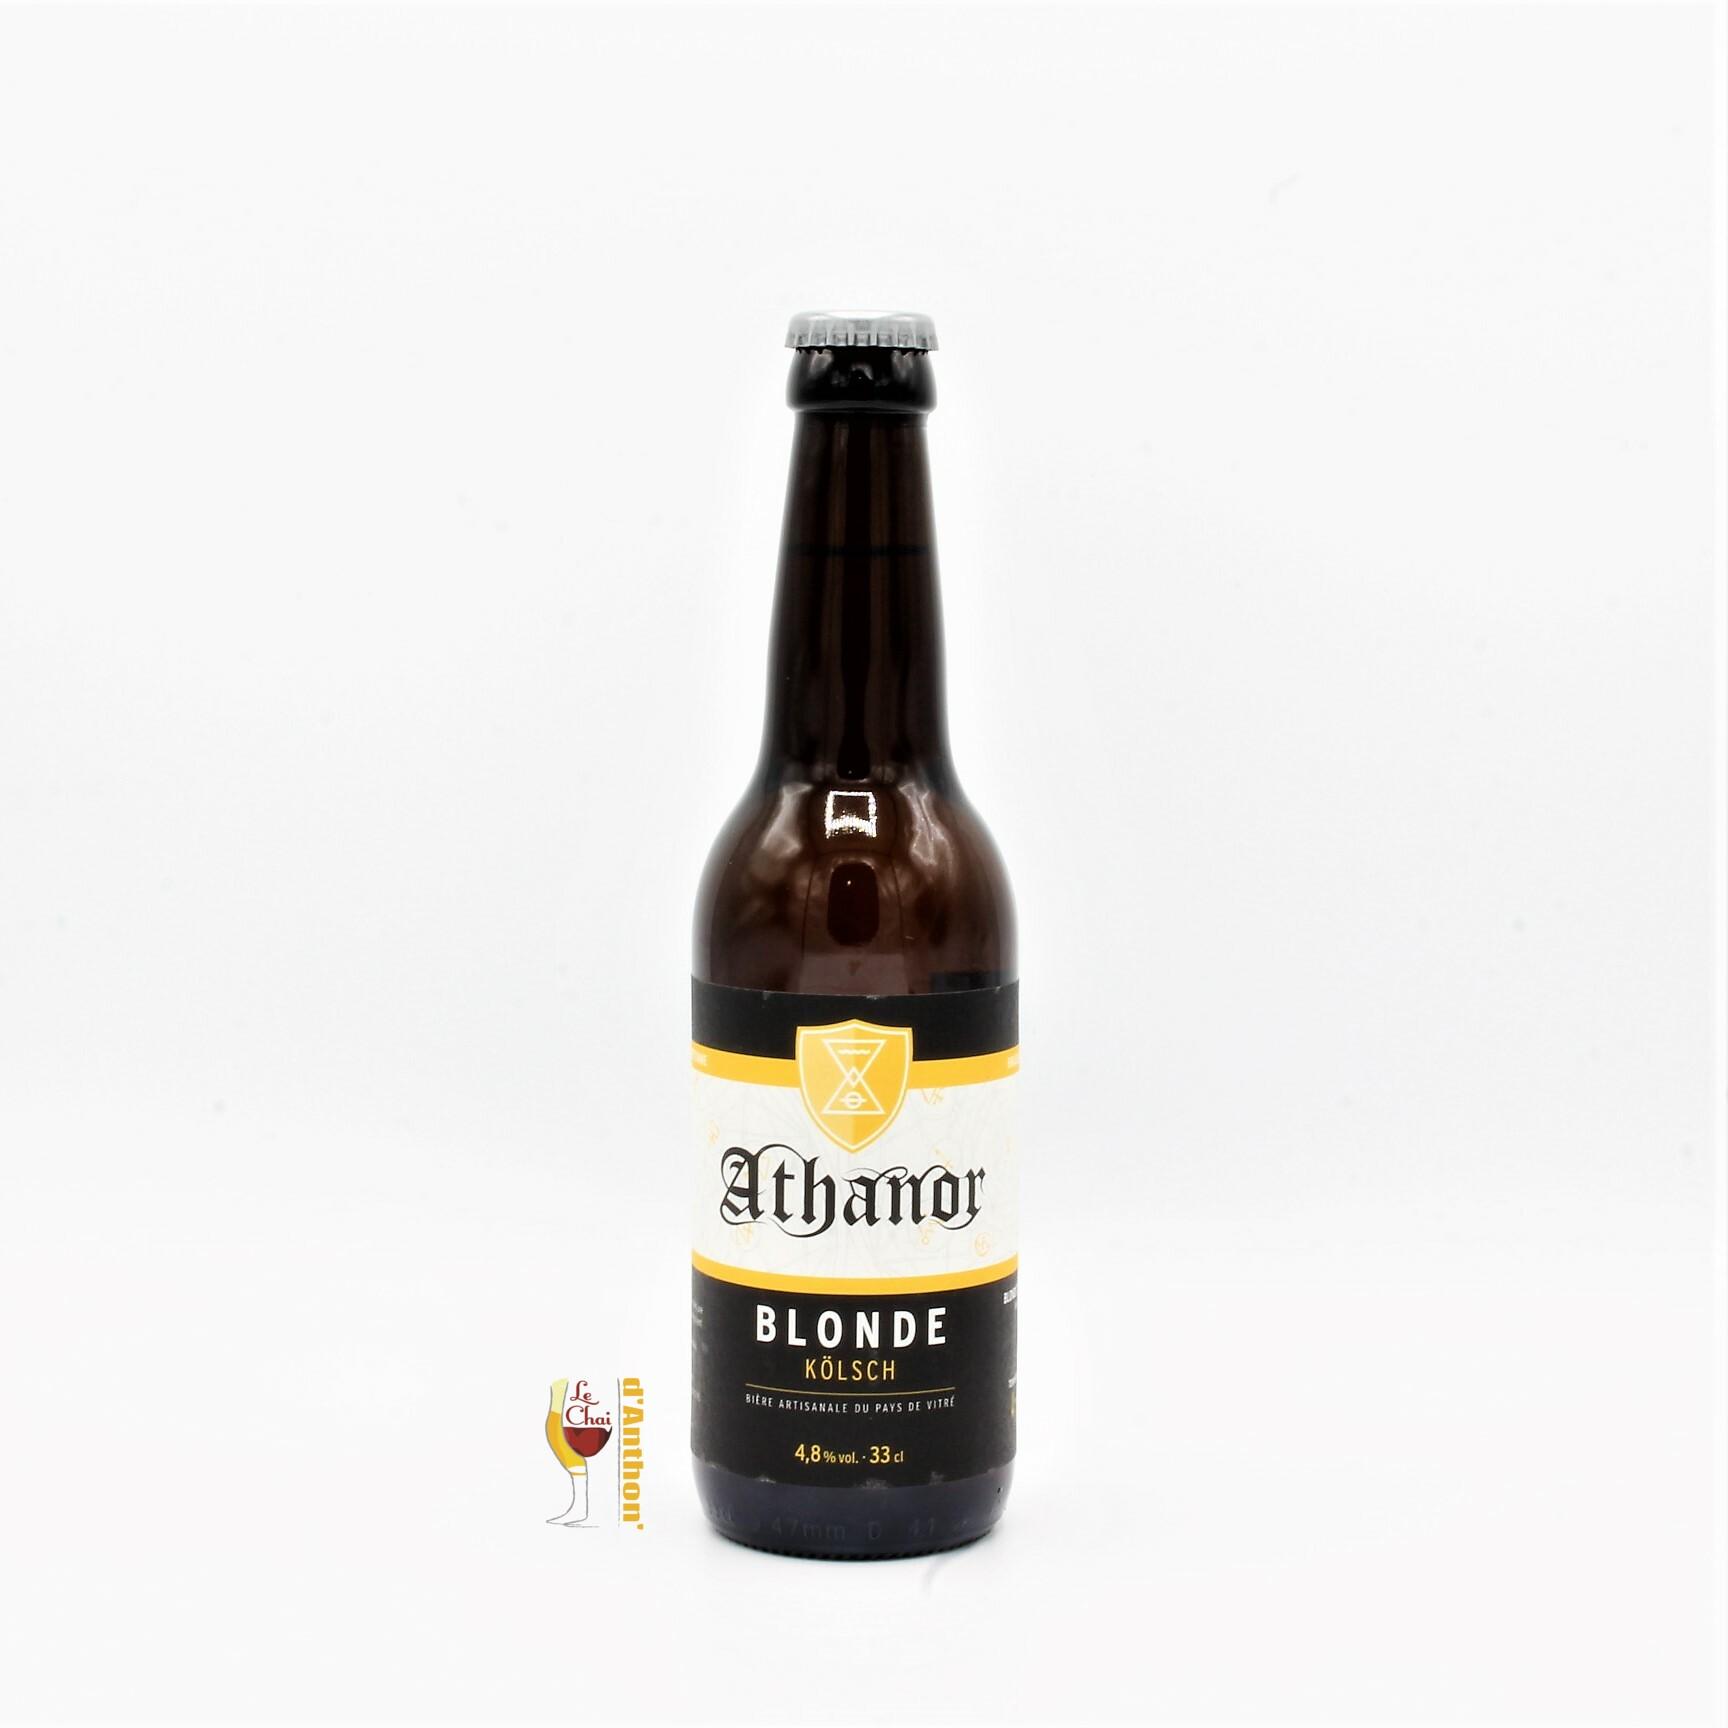 Biere Bouteille Blonde Brasserie Athanor Bretonne 33cl